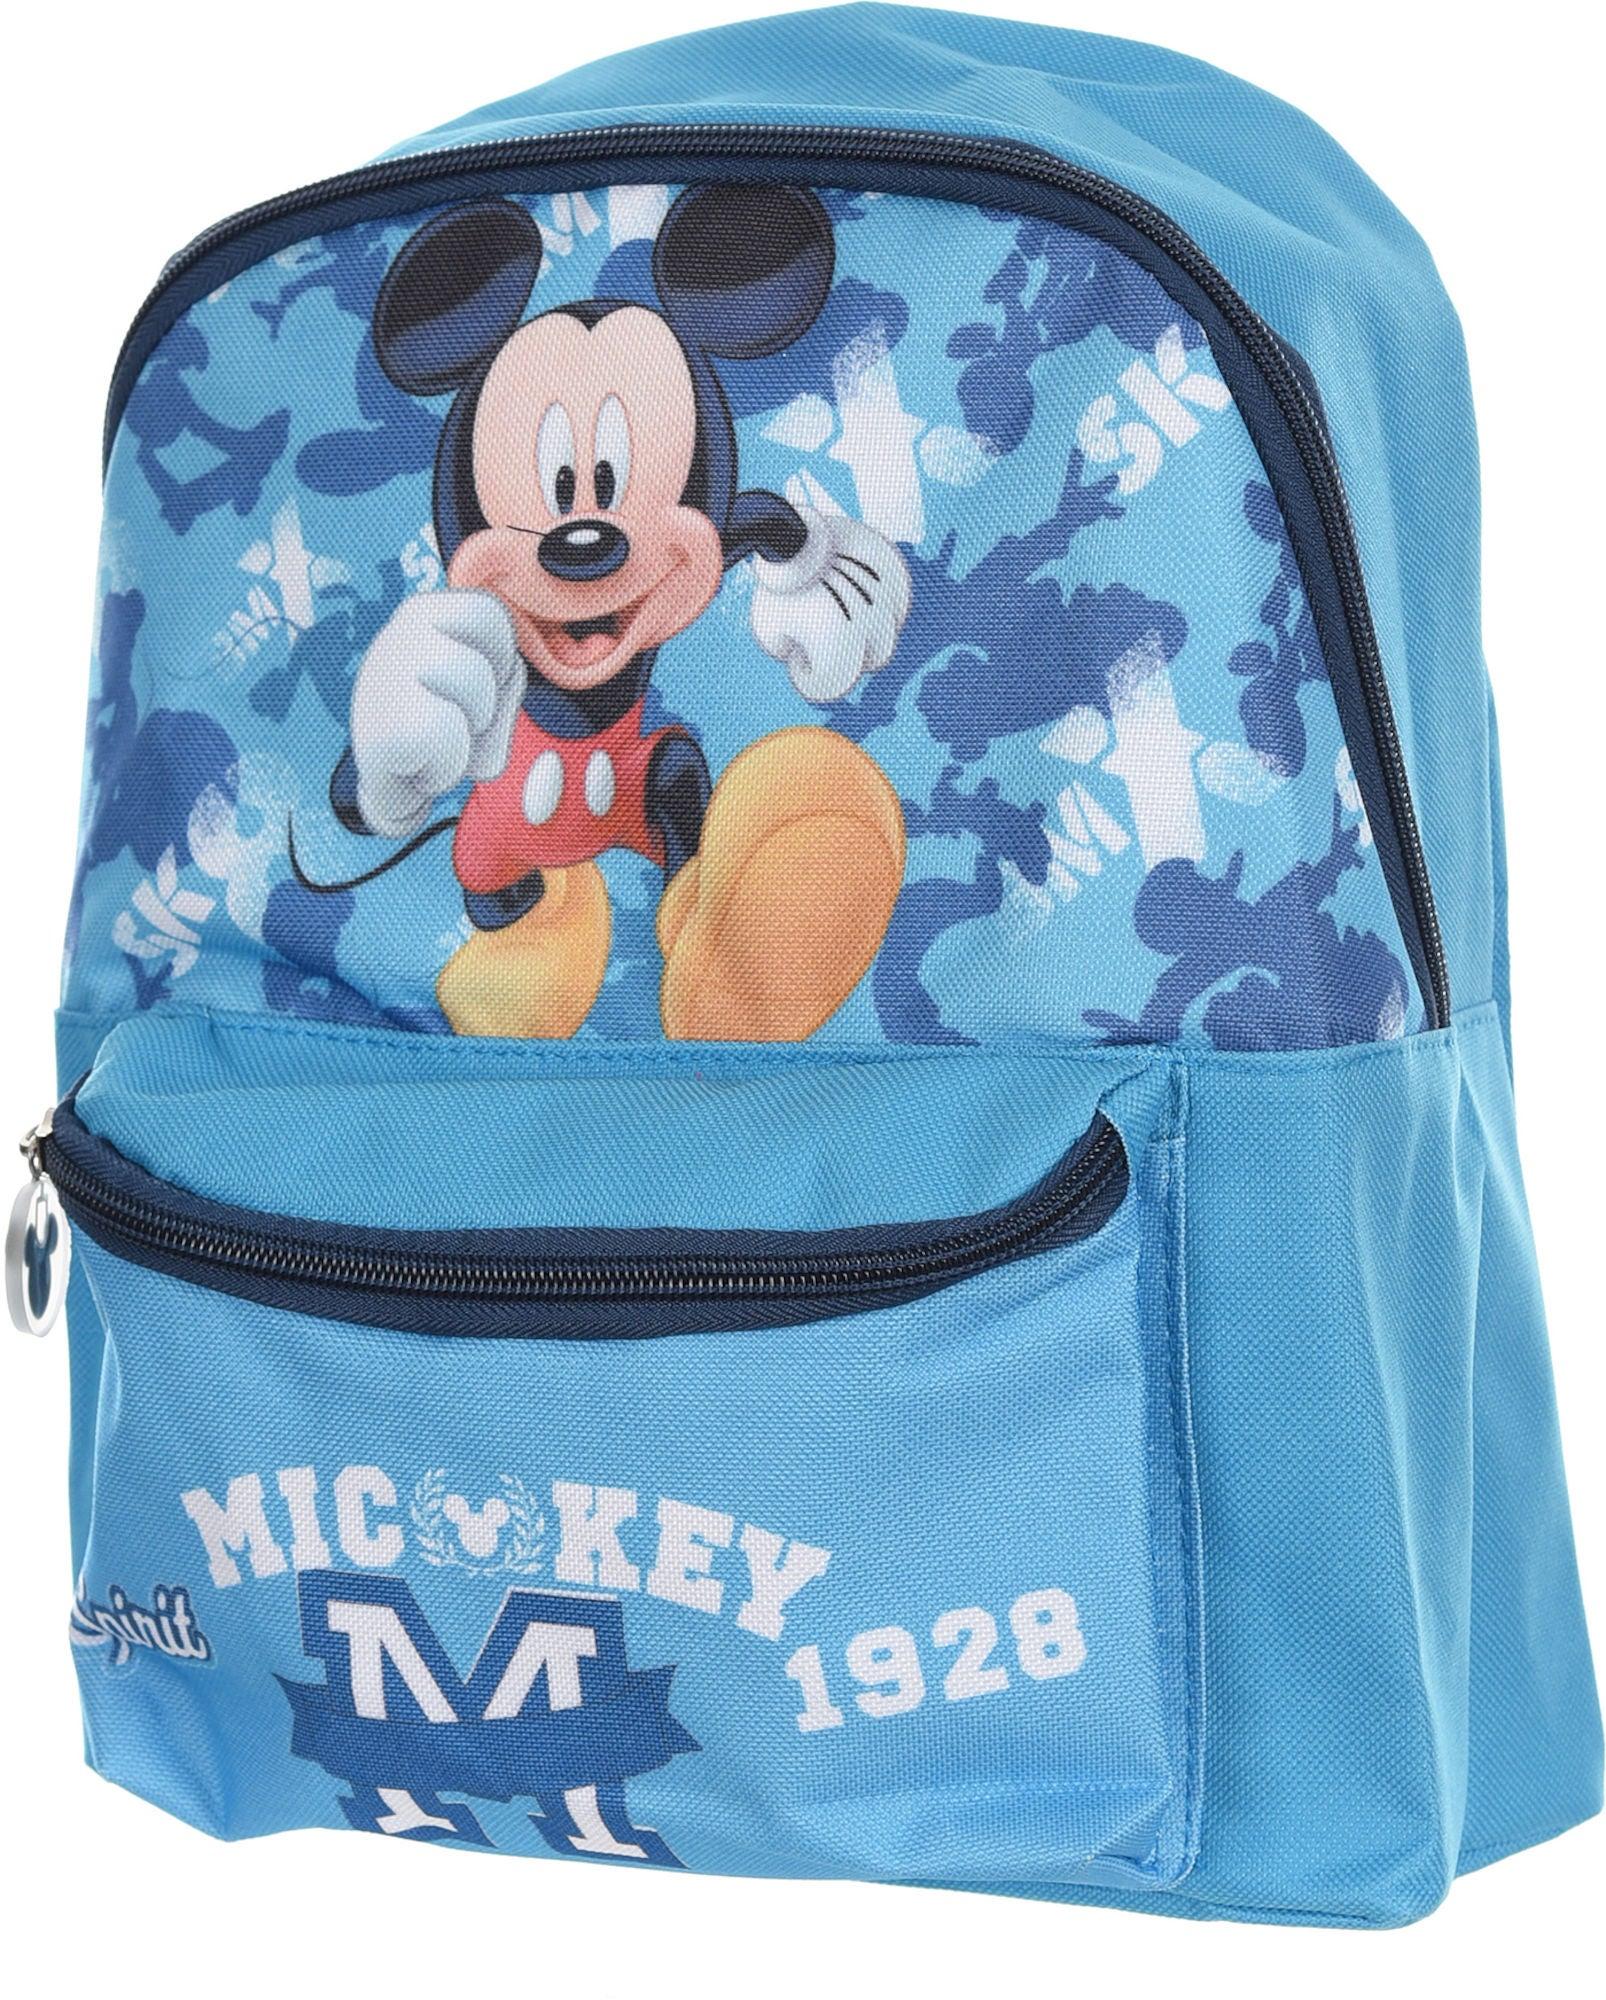 Köp Disney Musse Pigg Ryggsäck 6b8718bbfadaf